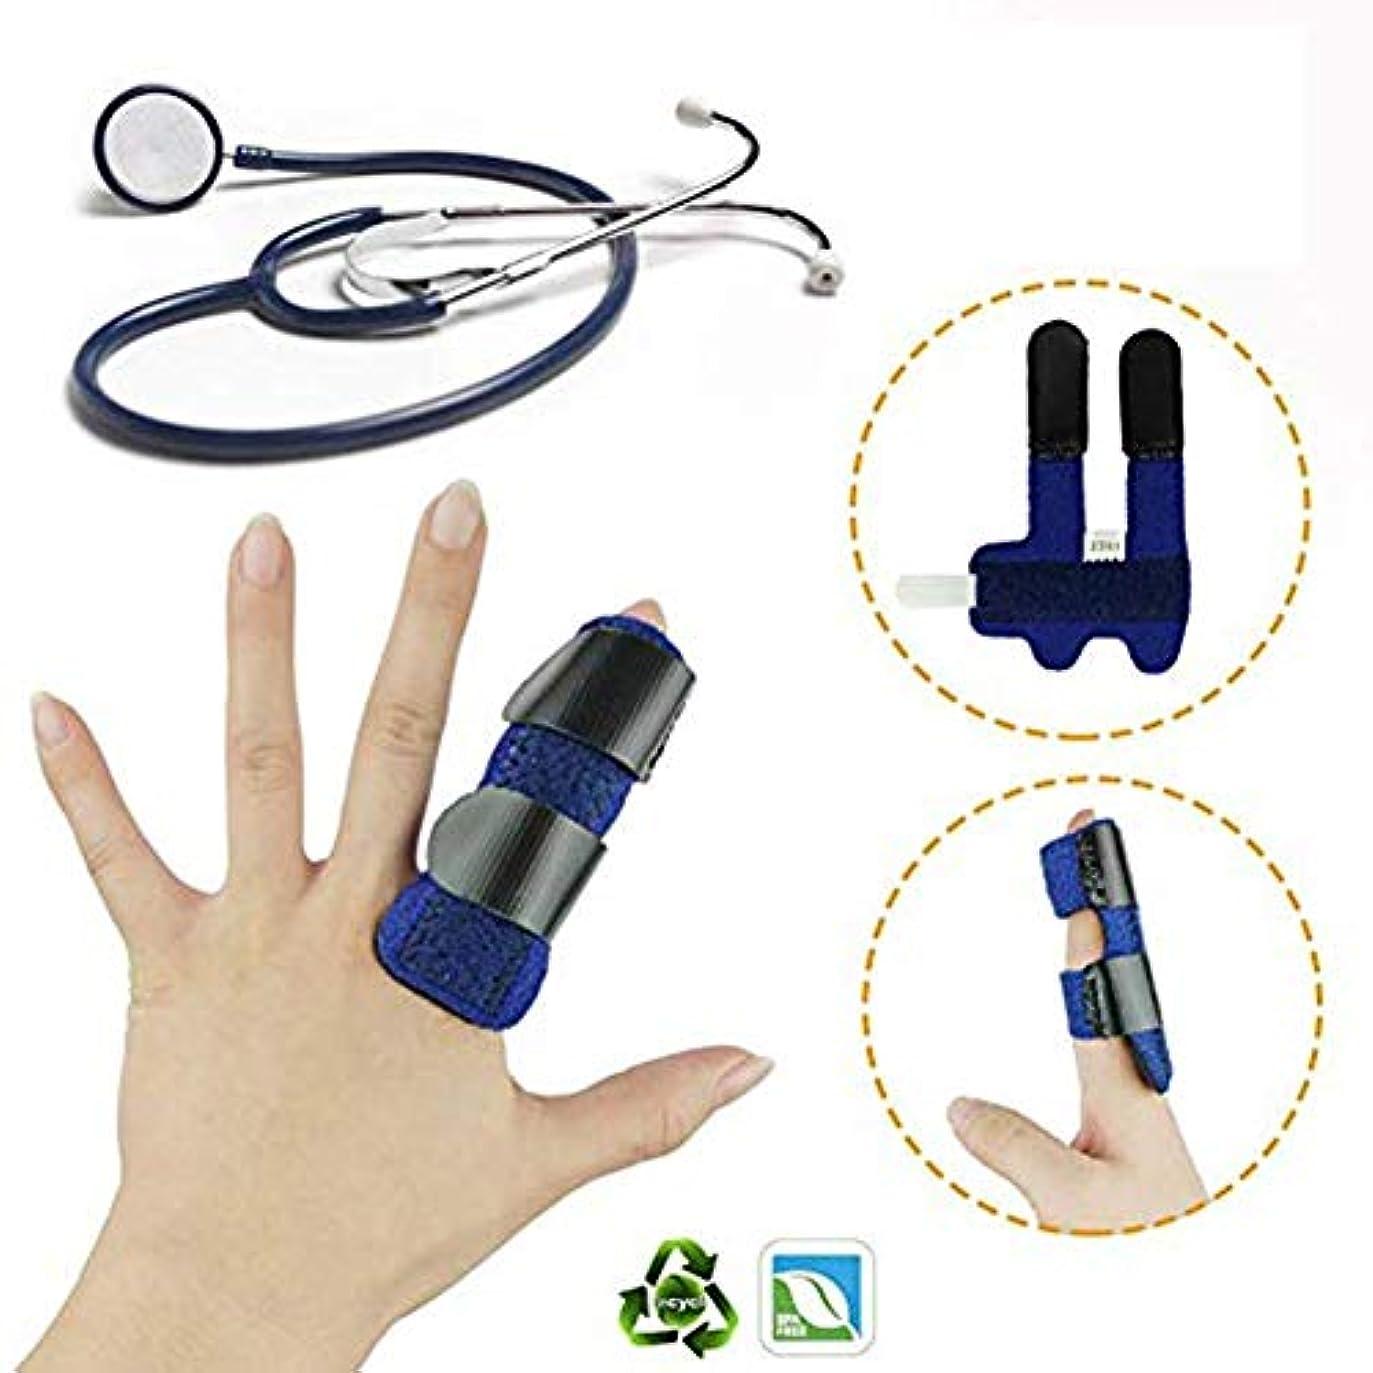 代表して雑種六月内蔵アルミ関節痛、関節炎のために調整可能なスプリント、ばね指、マレットスプリント、サポートブレース、イモビライザーを、指、任意の指にフィット。